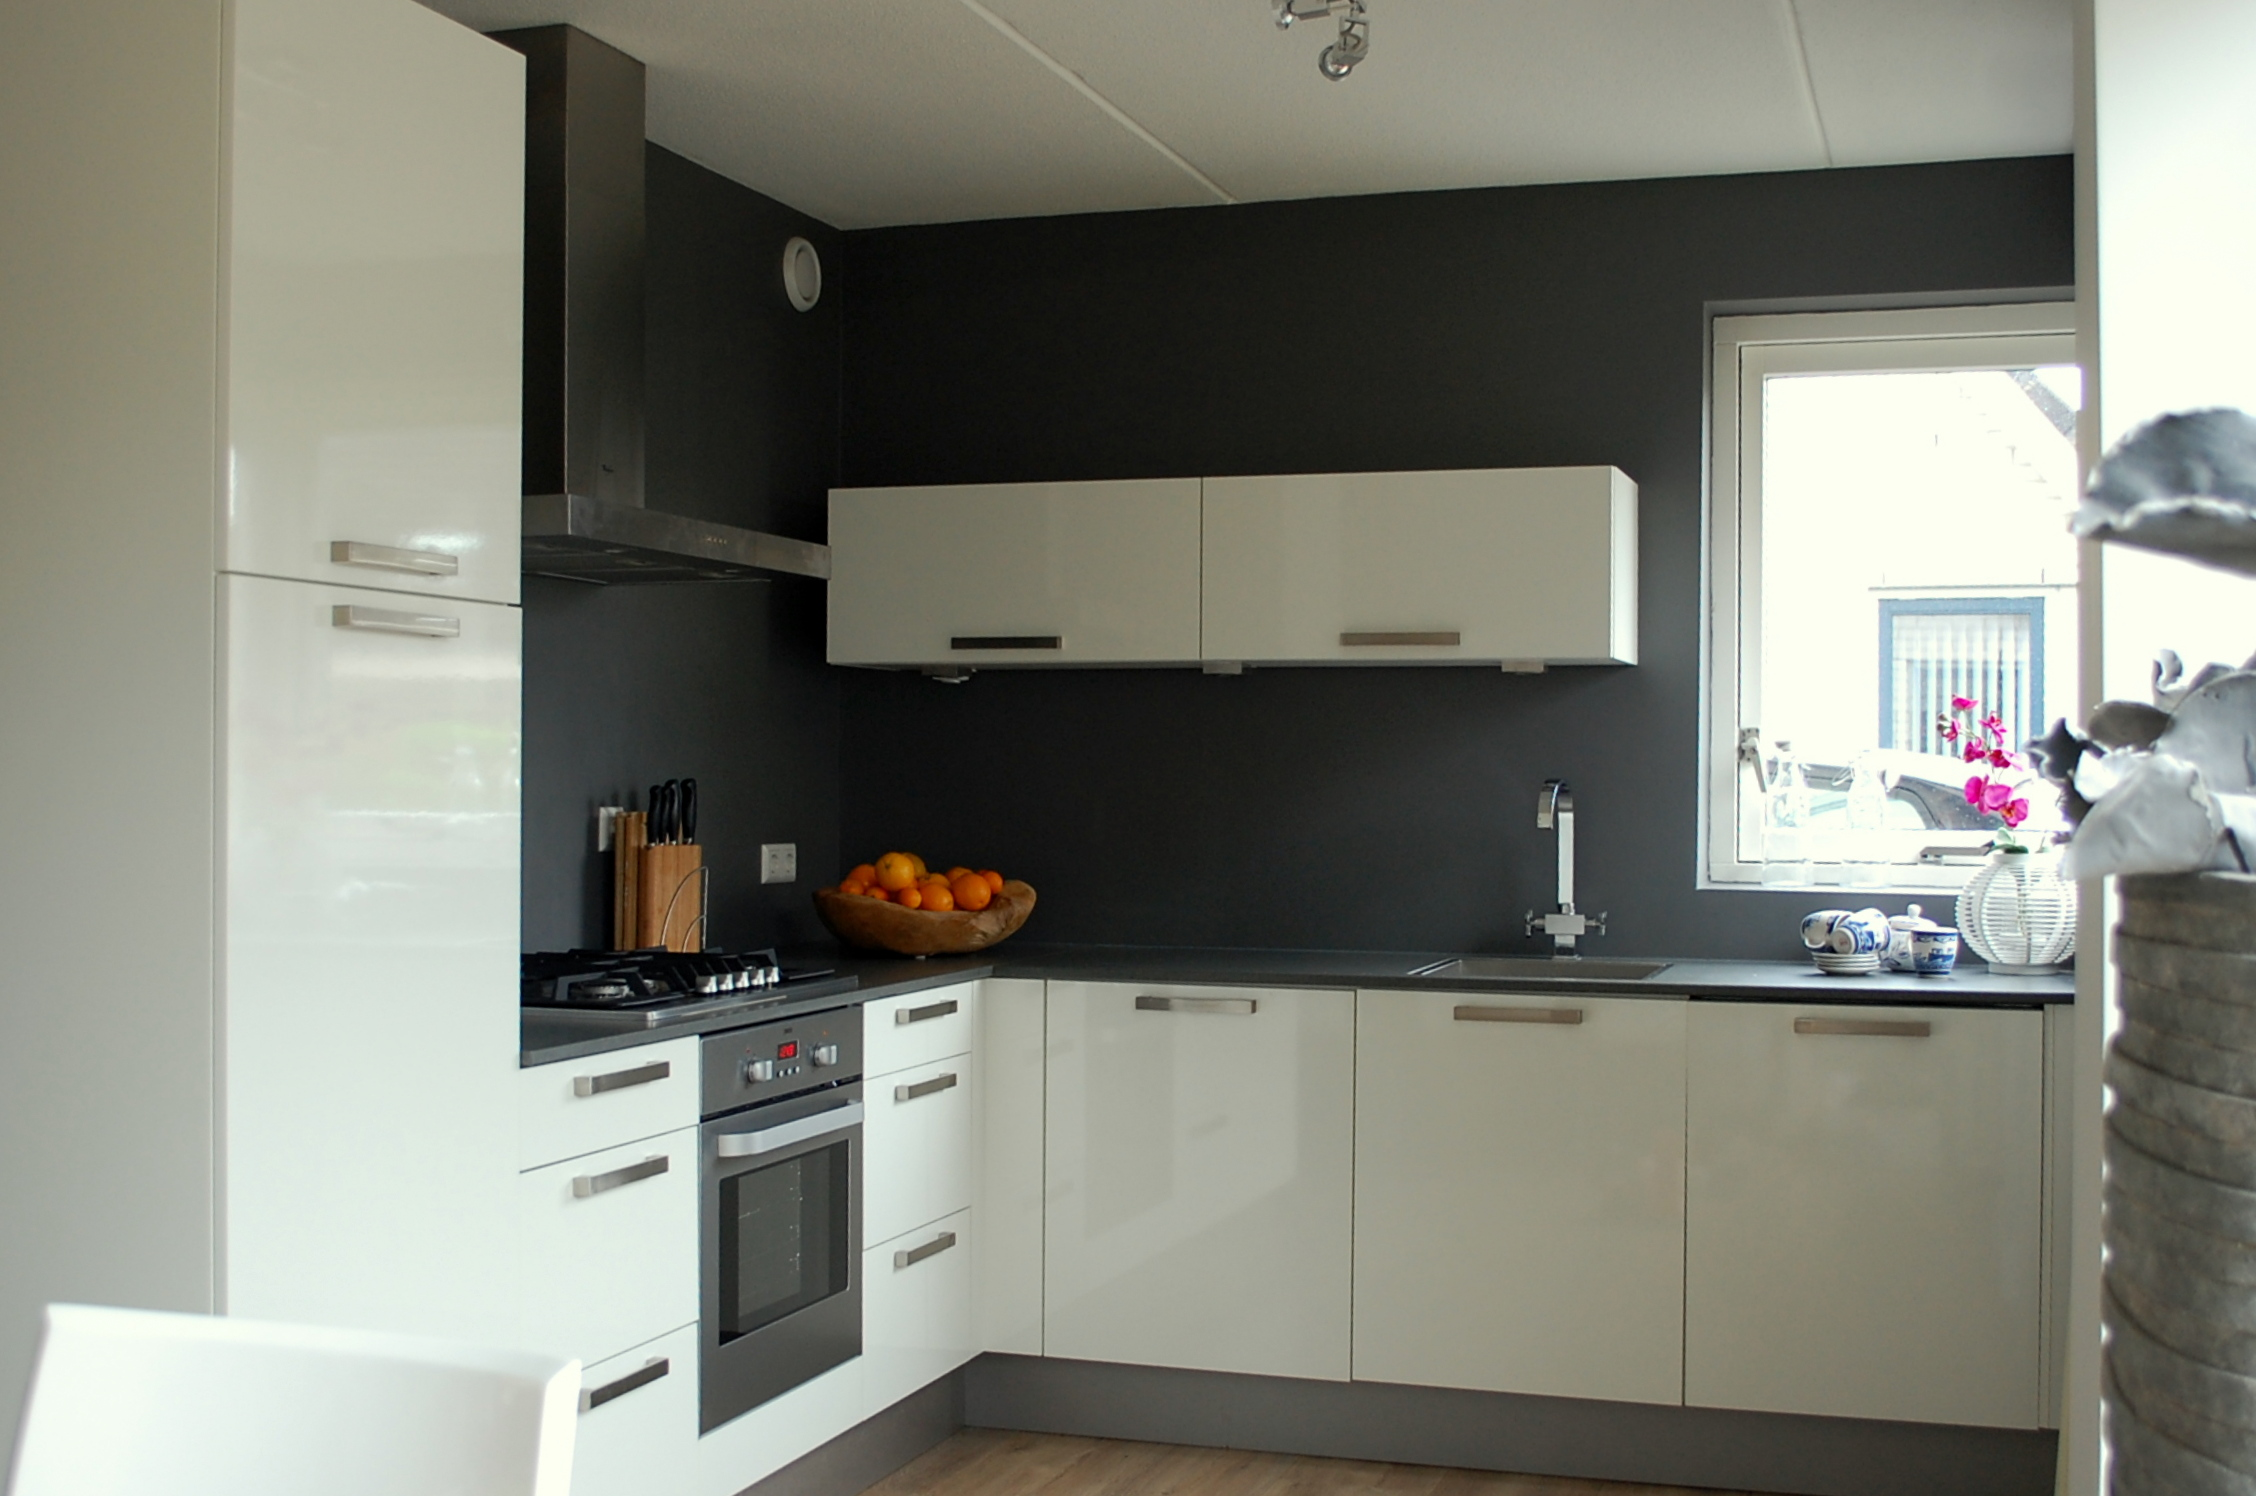 Achterwand Keuken Geen Tegels : achterwand gekregen en is behandeld met lak zodat er geen tegels op de